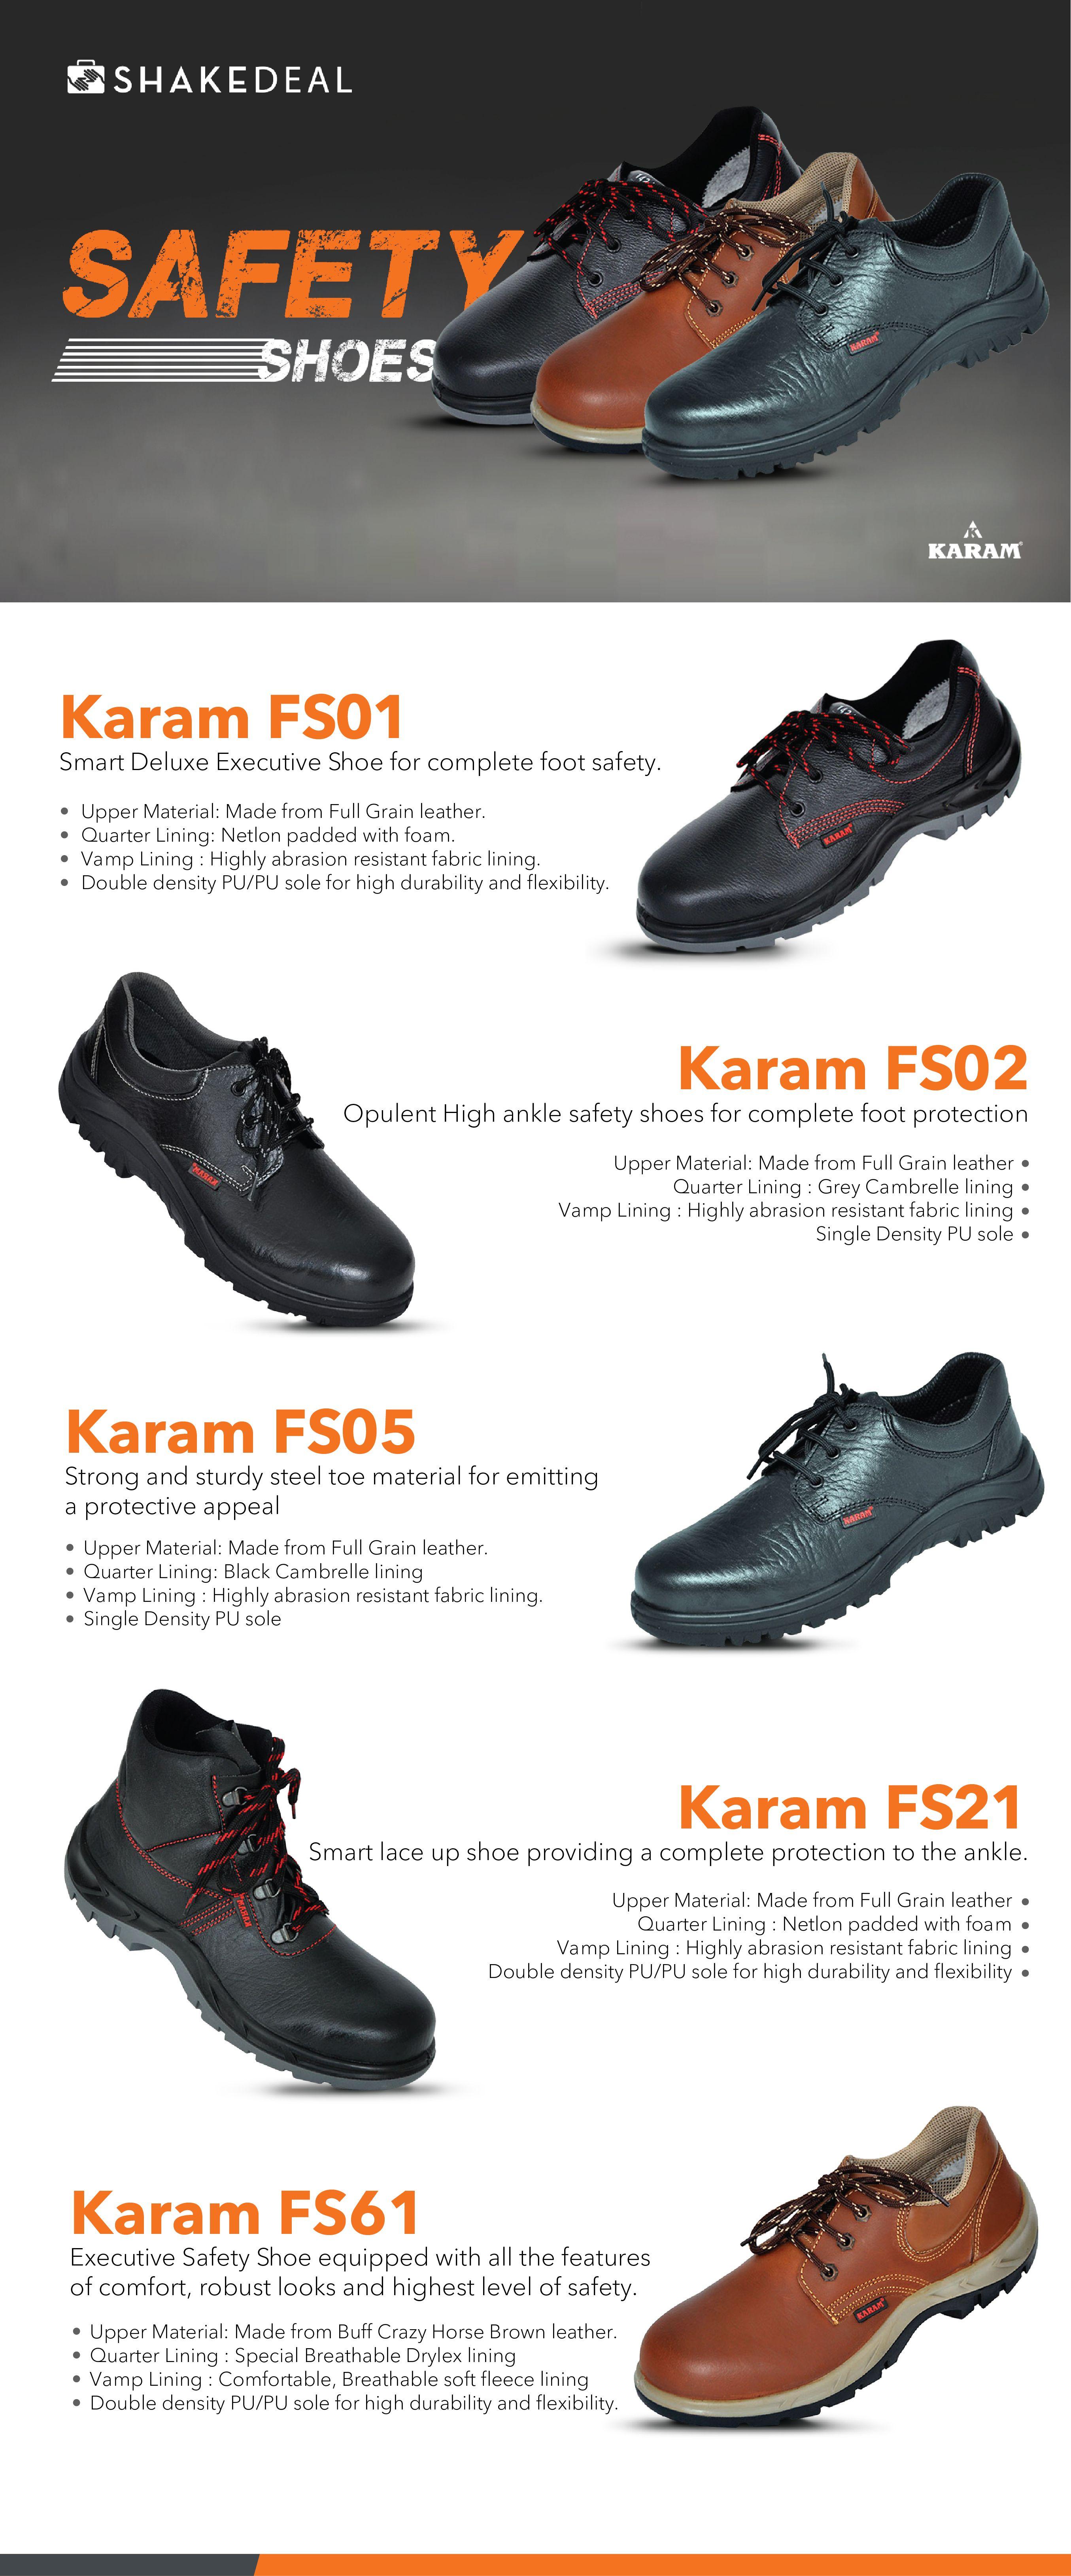 Karam FS21 Best in Class Ankle